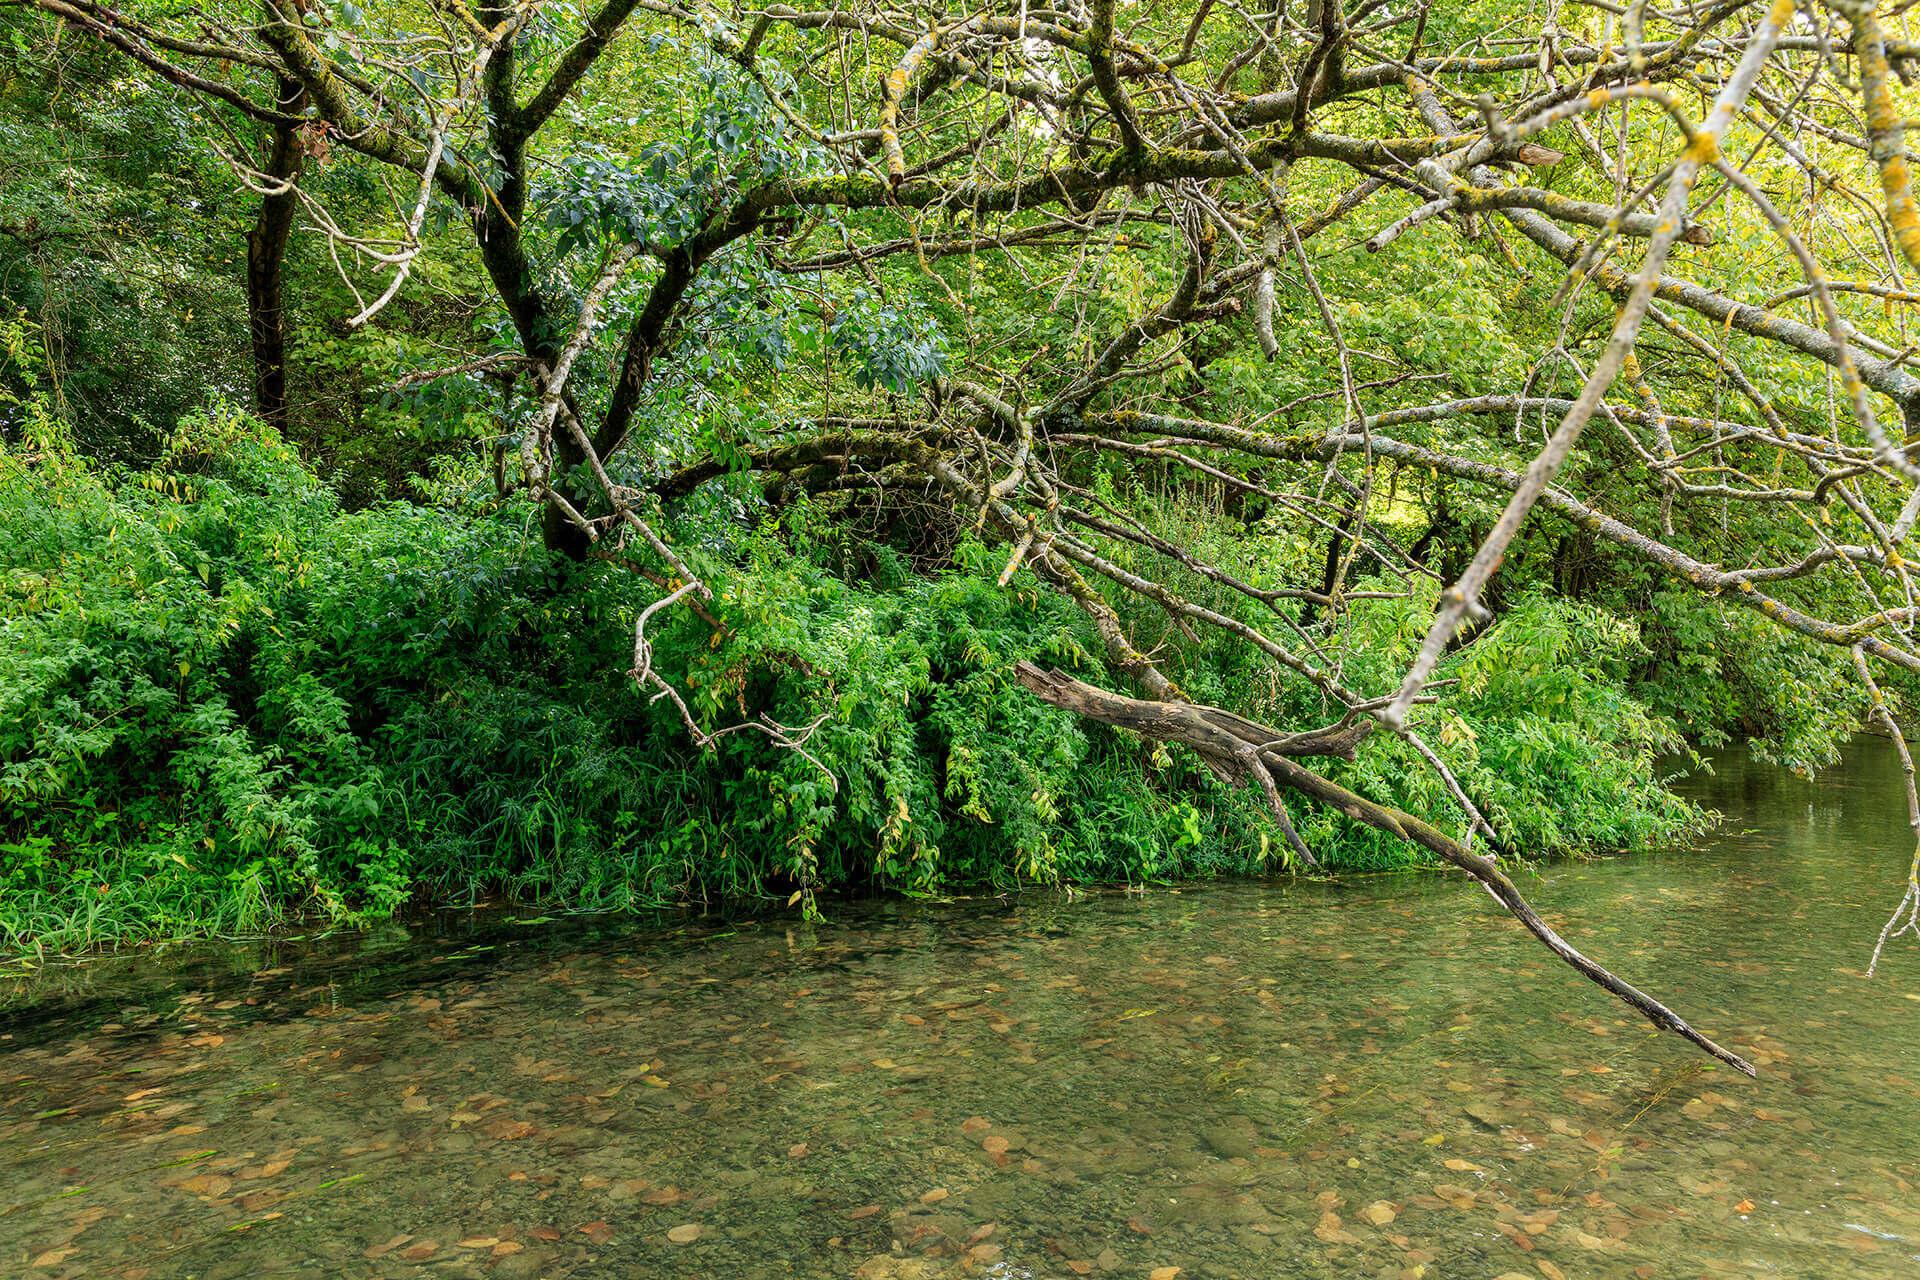 Le fleuve Rhône, Km 501 Isère, Sablon, Réserve naturelle Ile de la Platière